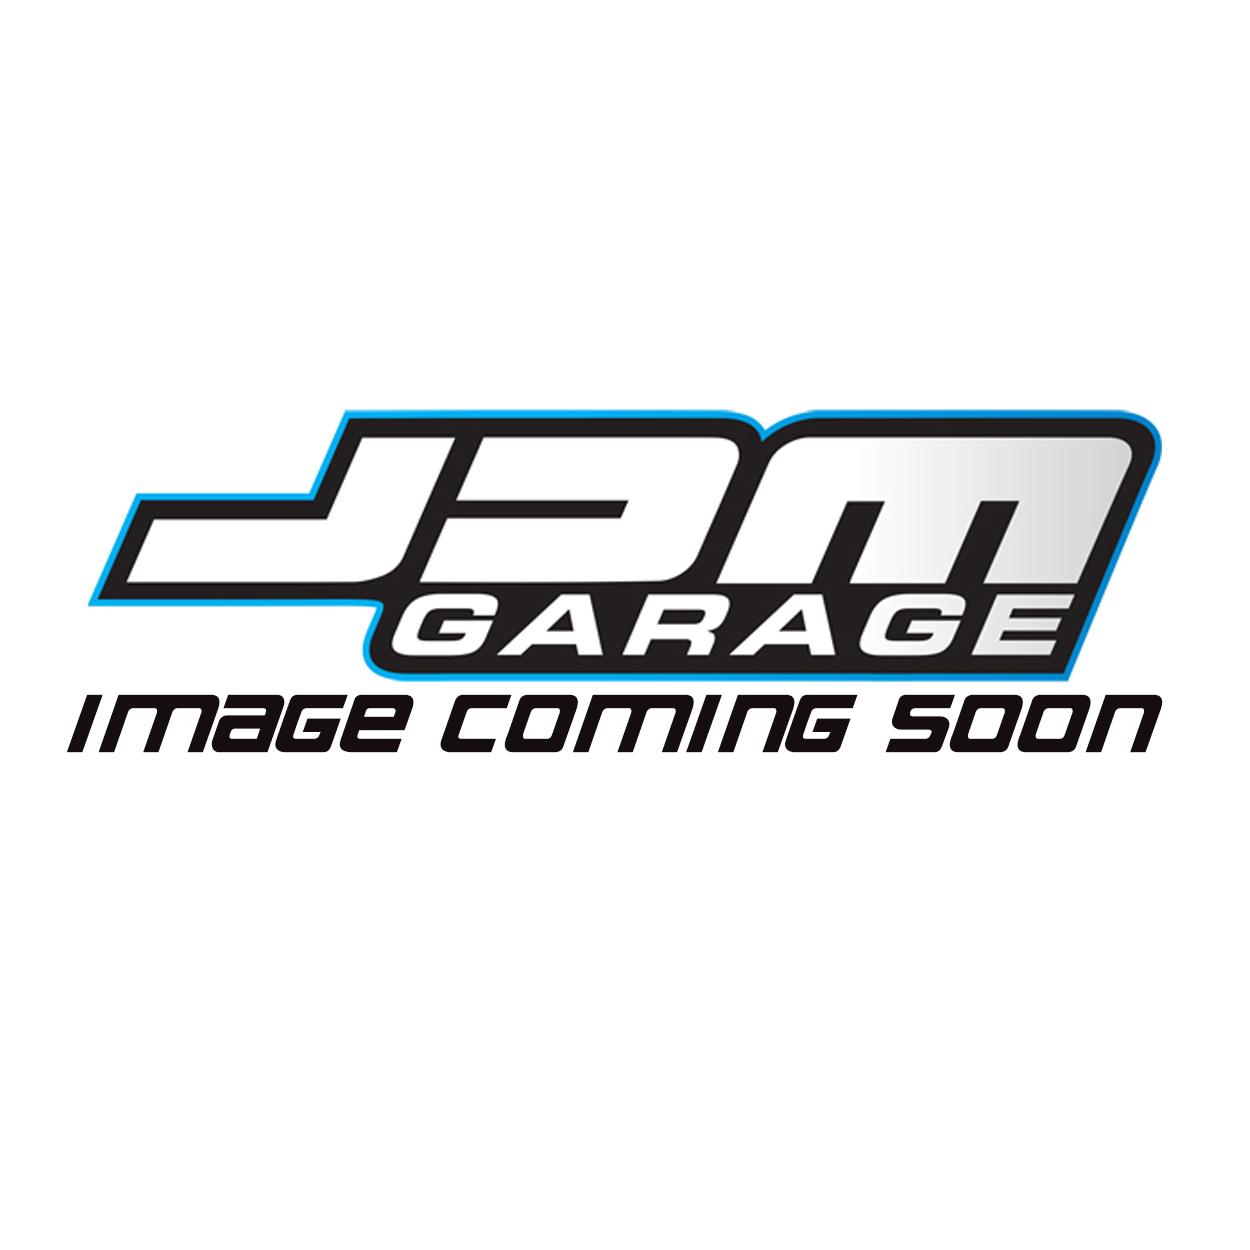 R33 GTR Front Bumper Indicators